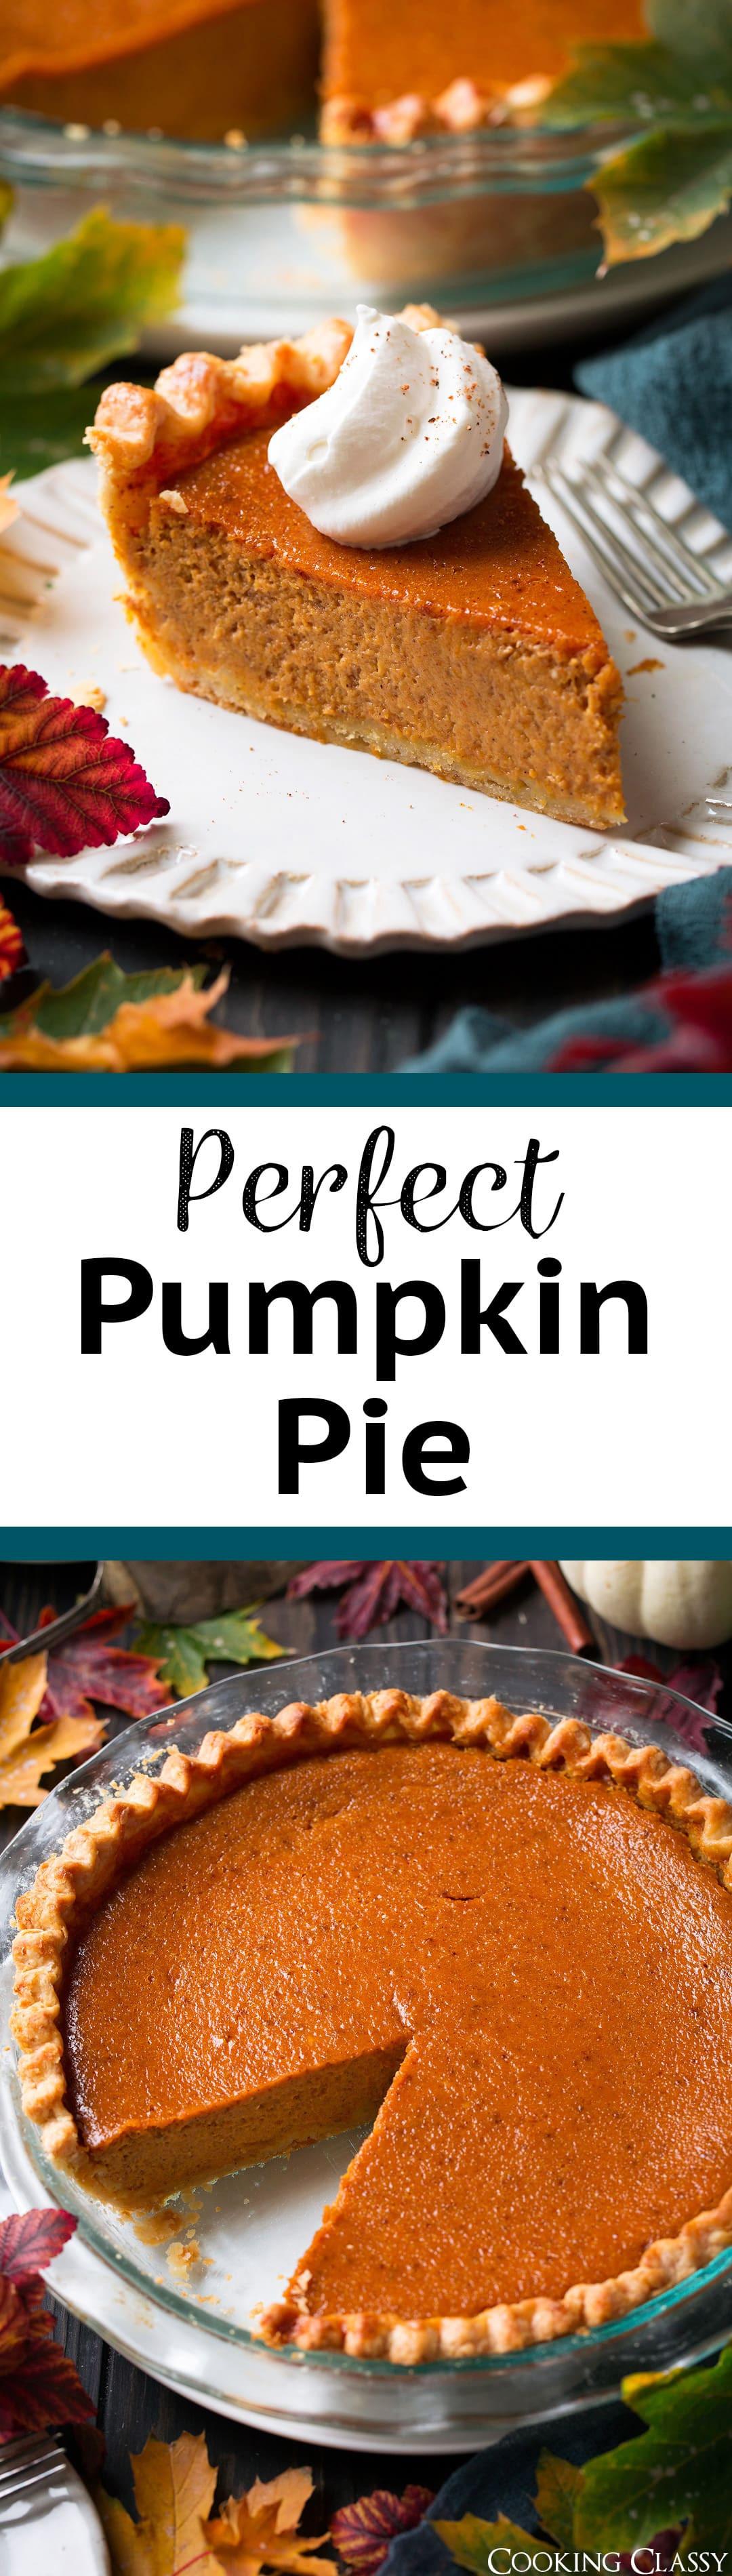 Pumpkin Pie Condensed Milk  pumpkin pie recipe without evaporated milk